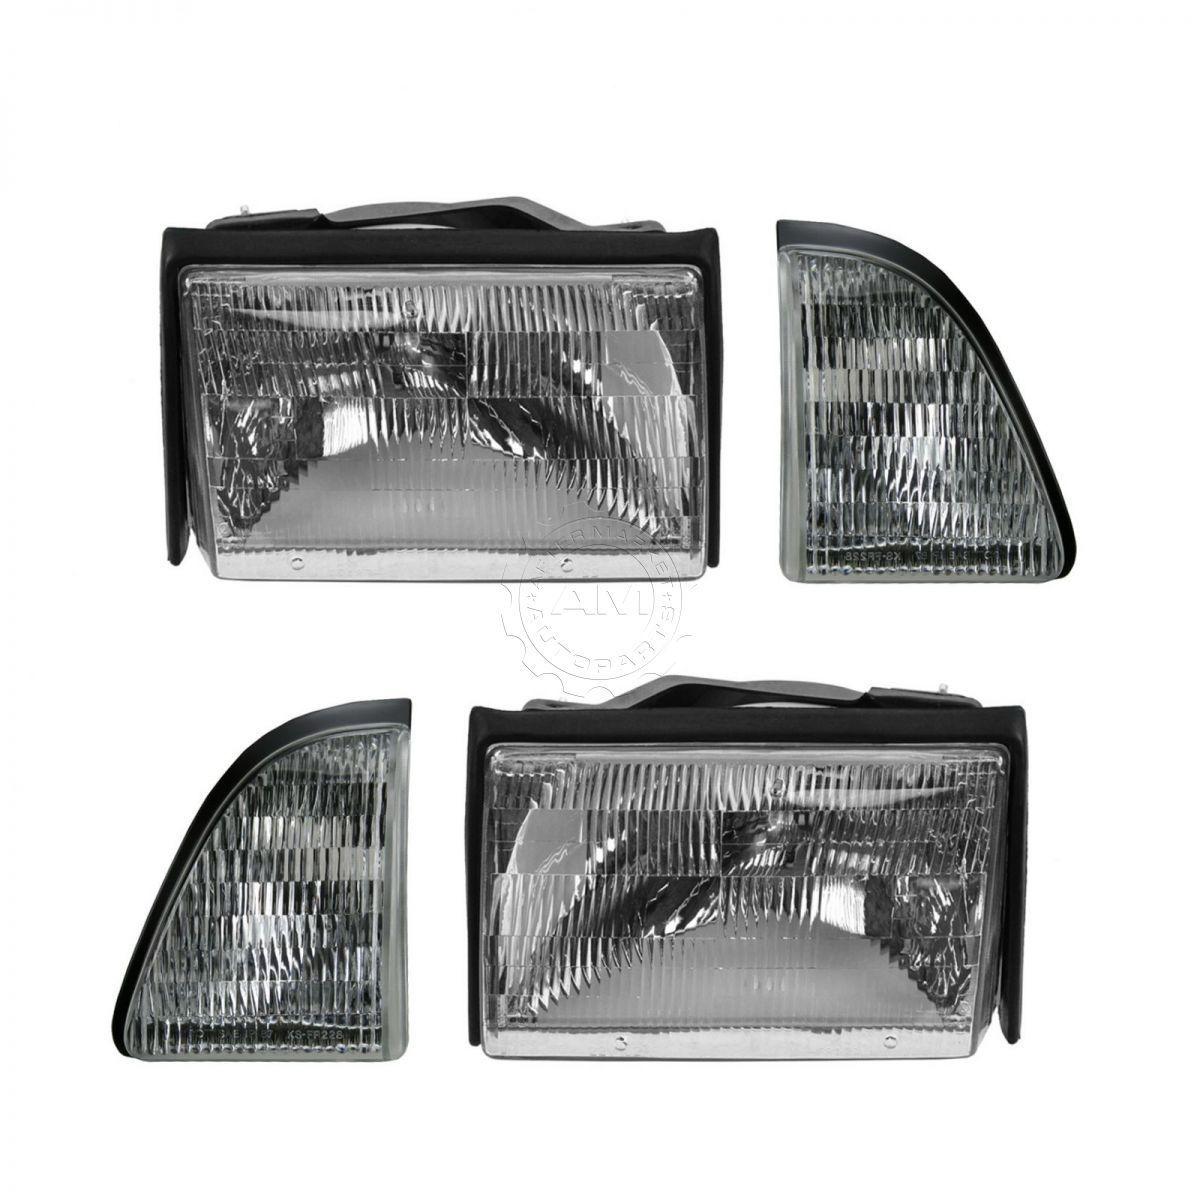 コーナーライト Headlight Headlamp Side Corner Turn Signal Light Set Kit for 87-93 Ford Mustang ヘッドライトヘッドランプサイドコーナーターンシグナルライトキット87-93フォードマスタング用